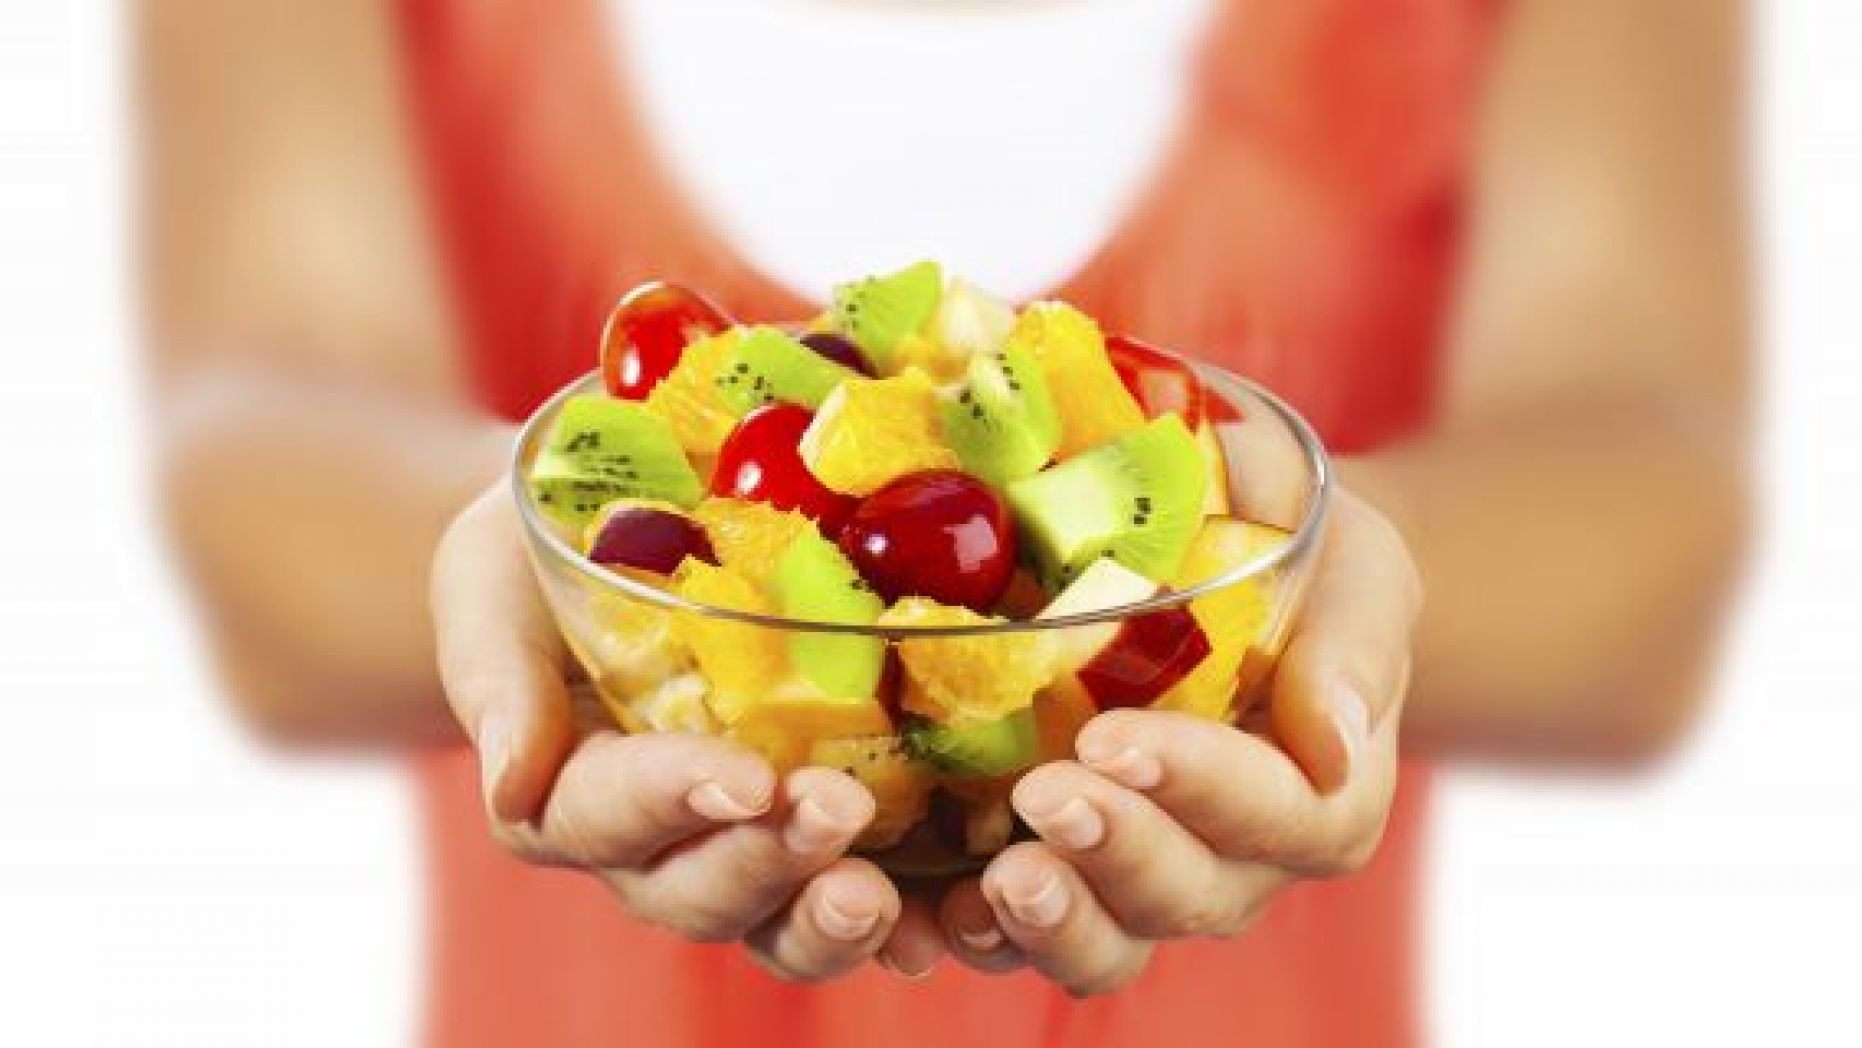 Voćkice vam neće život uništiti: Zdrave namirnice koje jedemo pogrešno